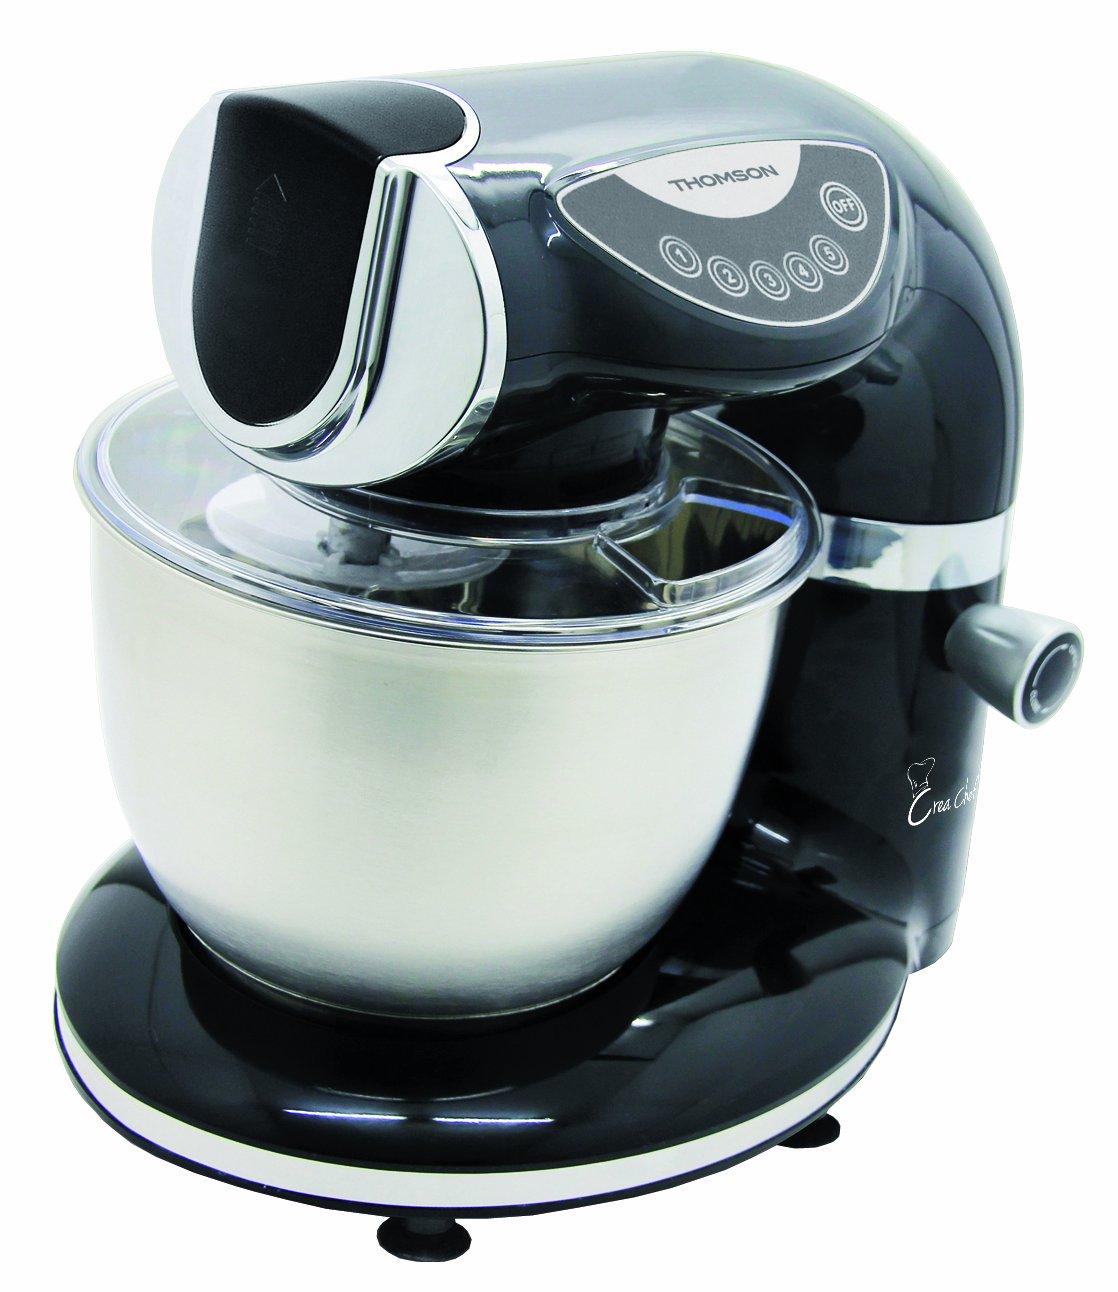 Thomson thfp05644 – Robot de cocina multifunción – Amasadora/licuadora/ varilla/Carne máquina de pasta Wolf//La Máquina/5 geschwindigeiten: Amazon.es: Hogar